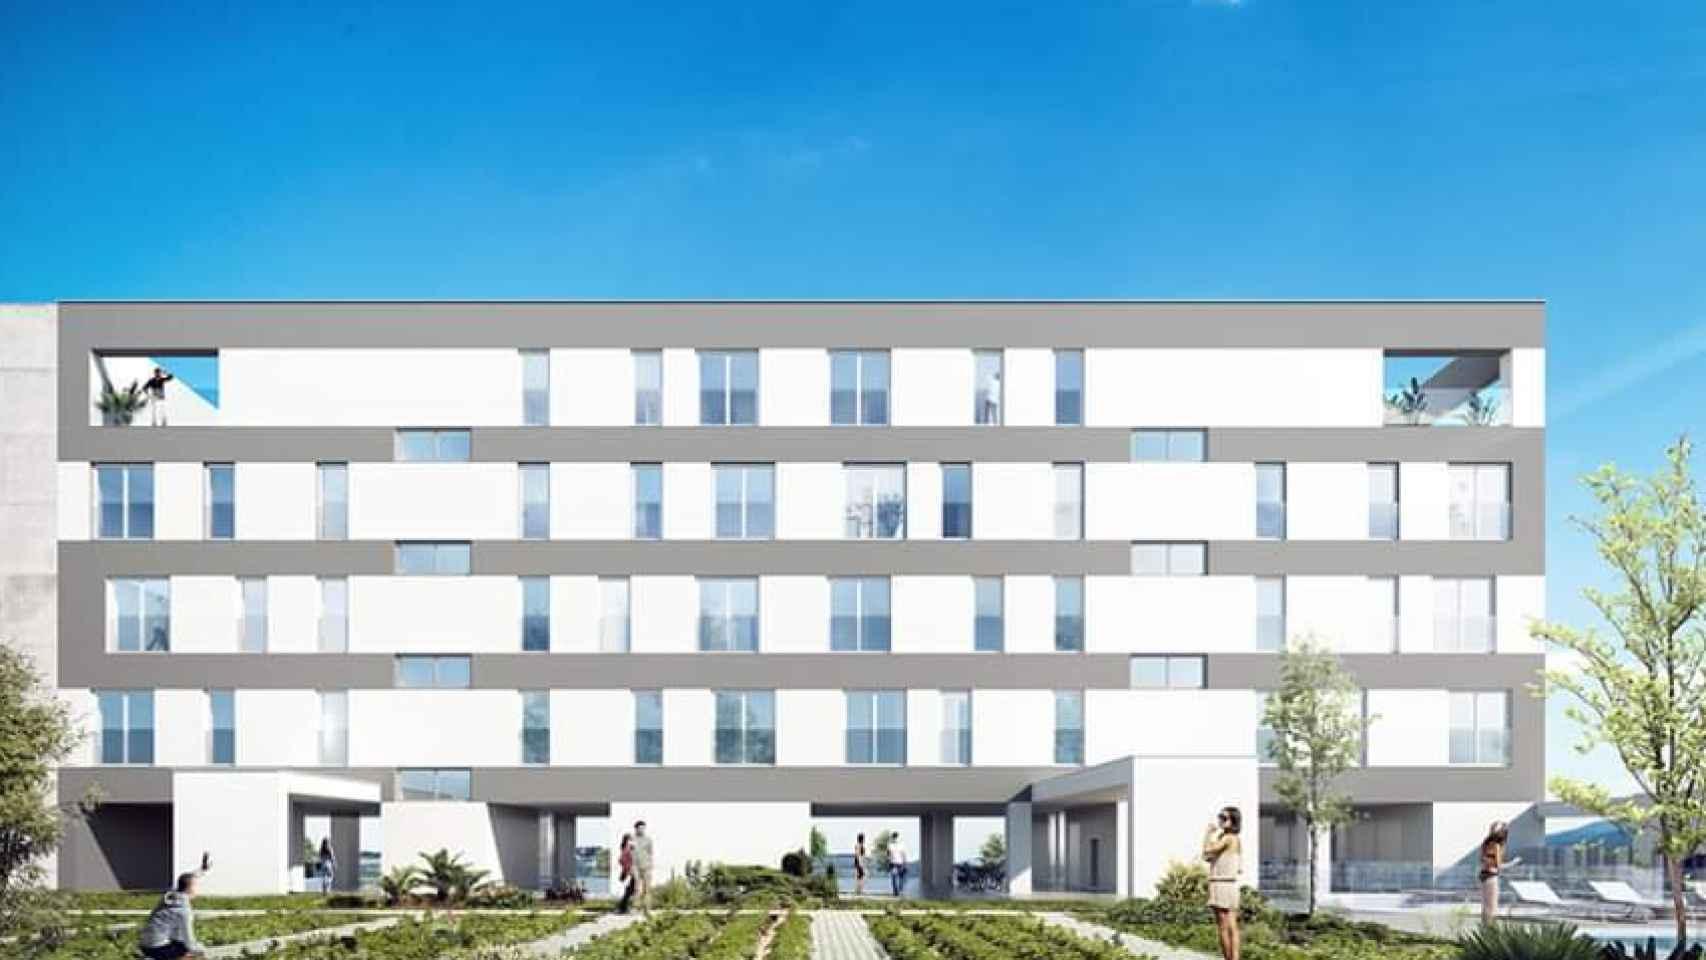 Promoción passivhaus diseñada por MDMV Arquitectos para Amenabar.